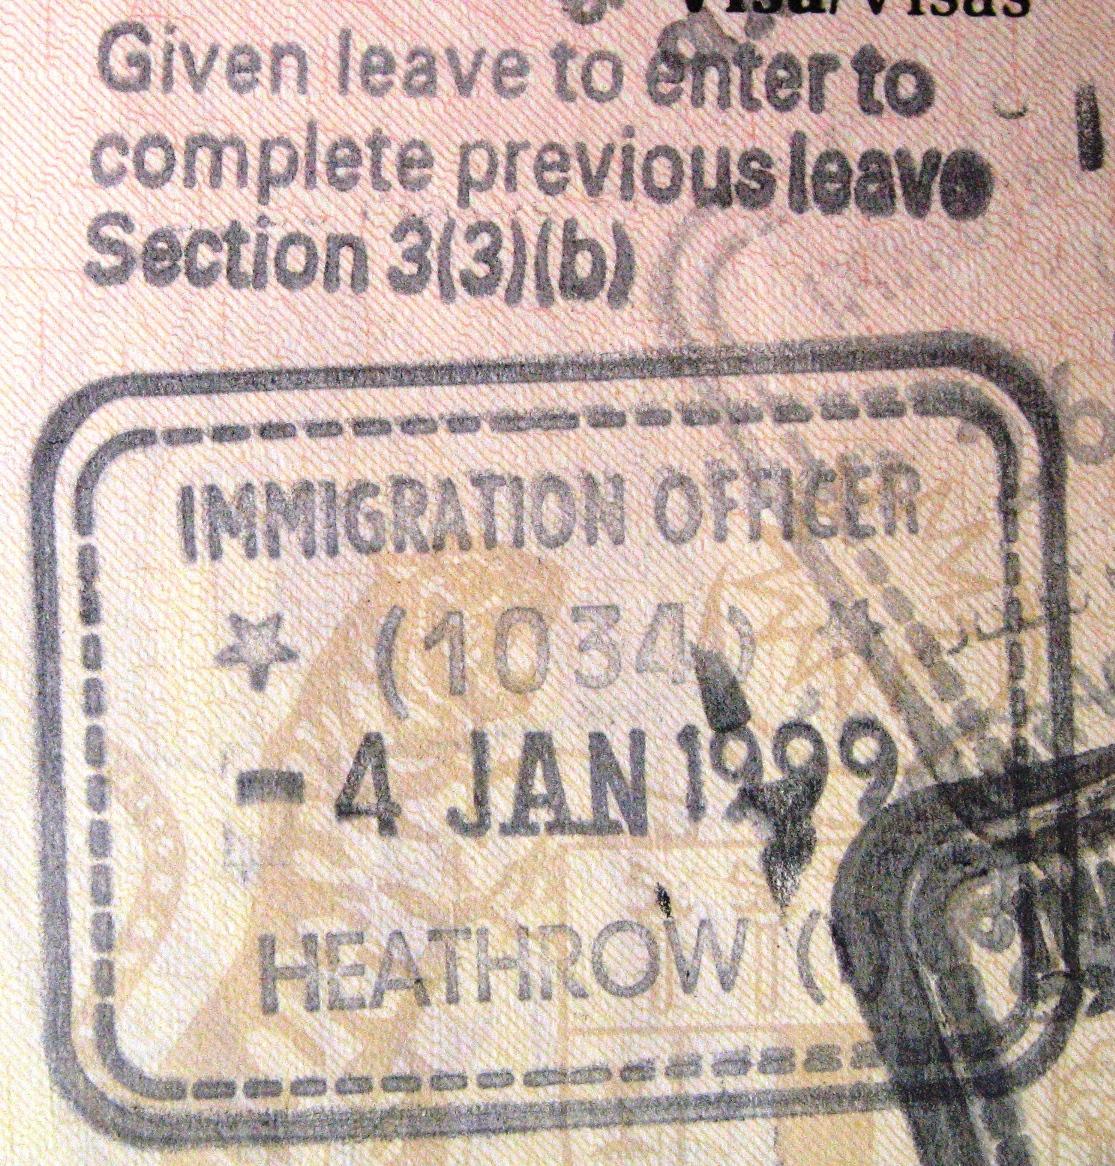 A UK entry visa stamp